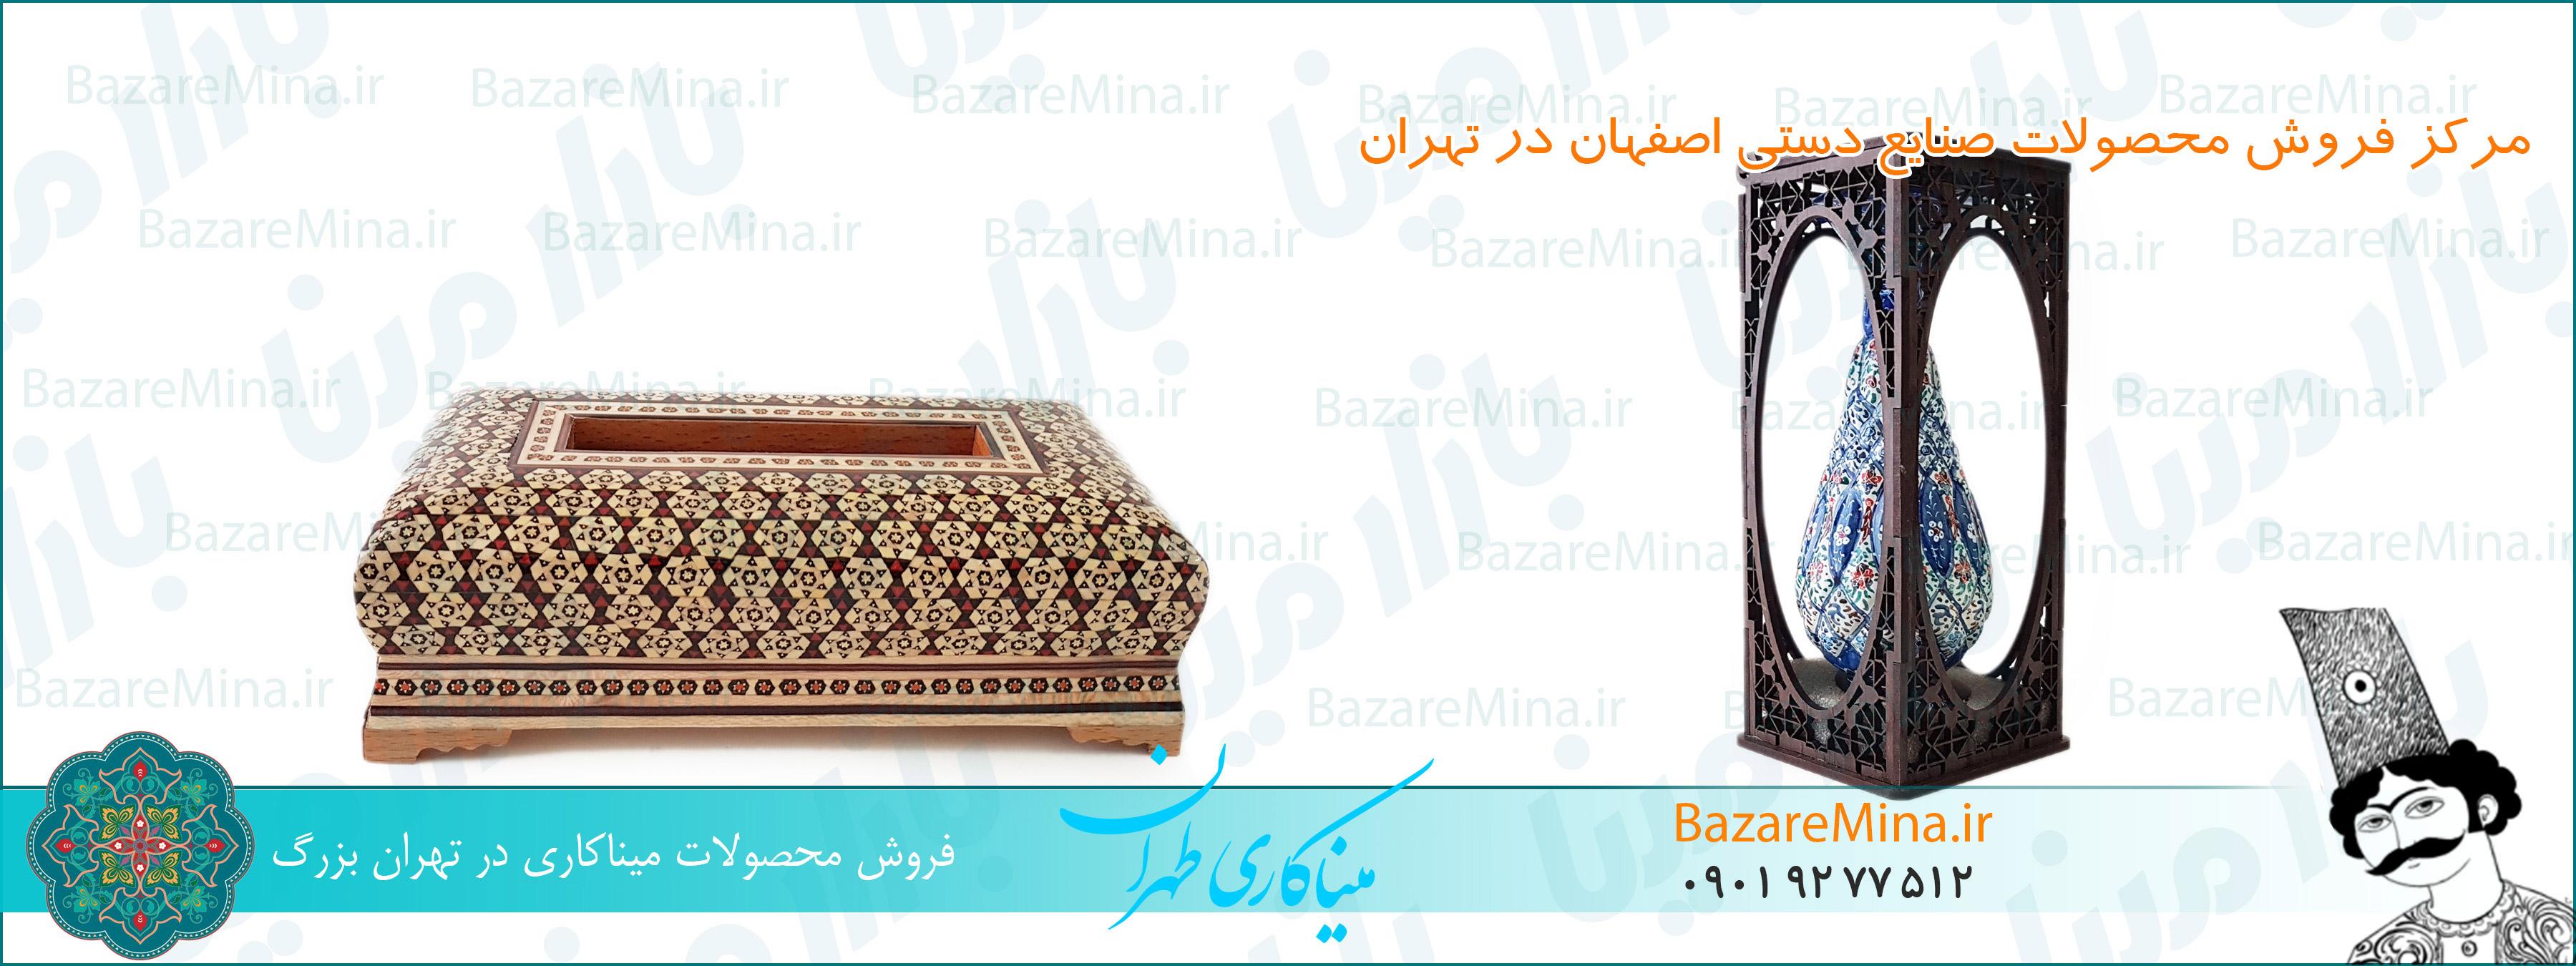 فروش میناکاری در تهران